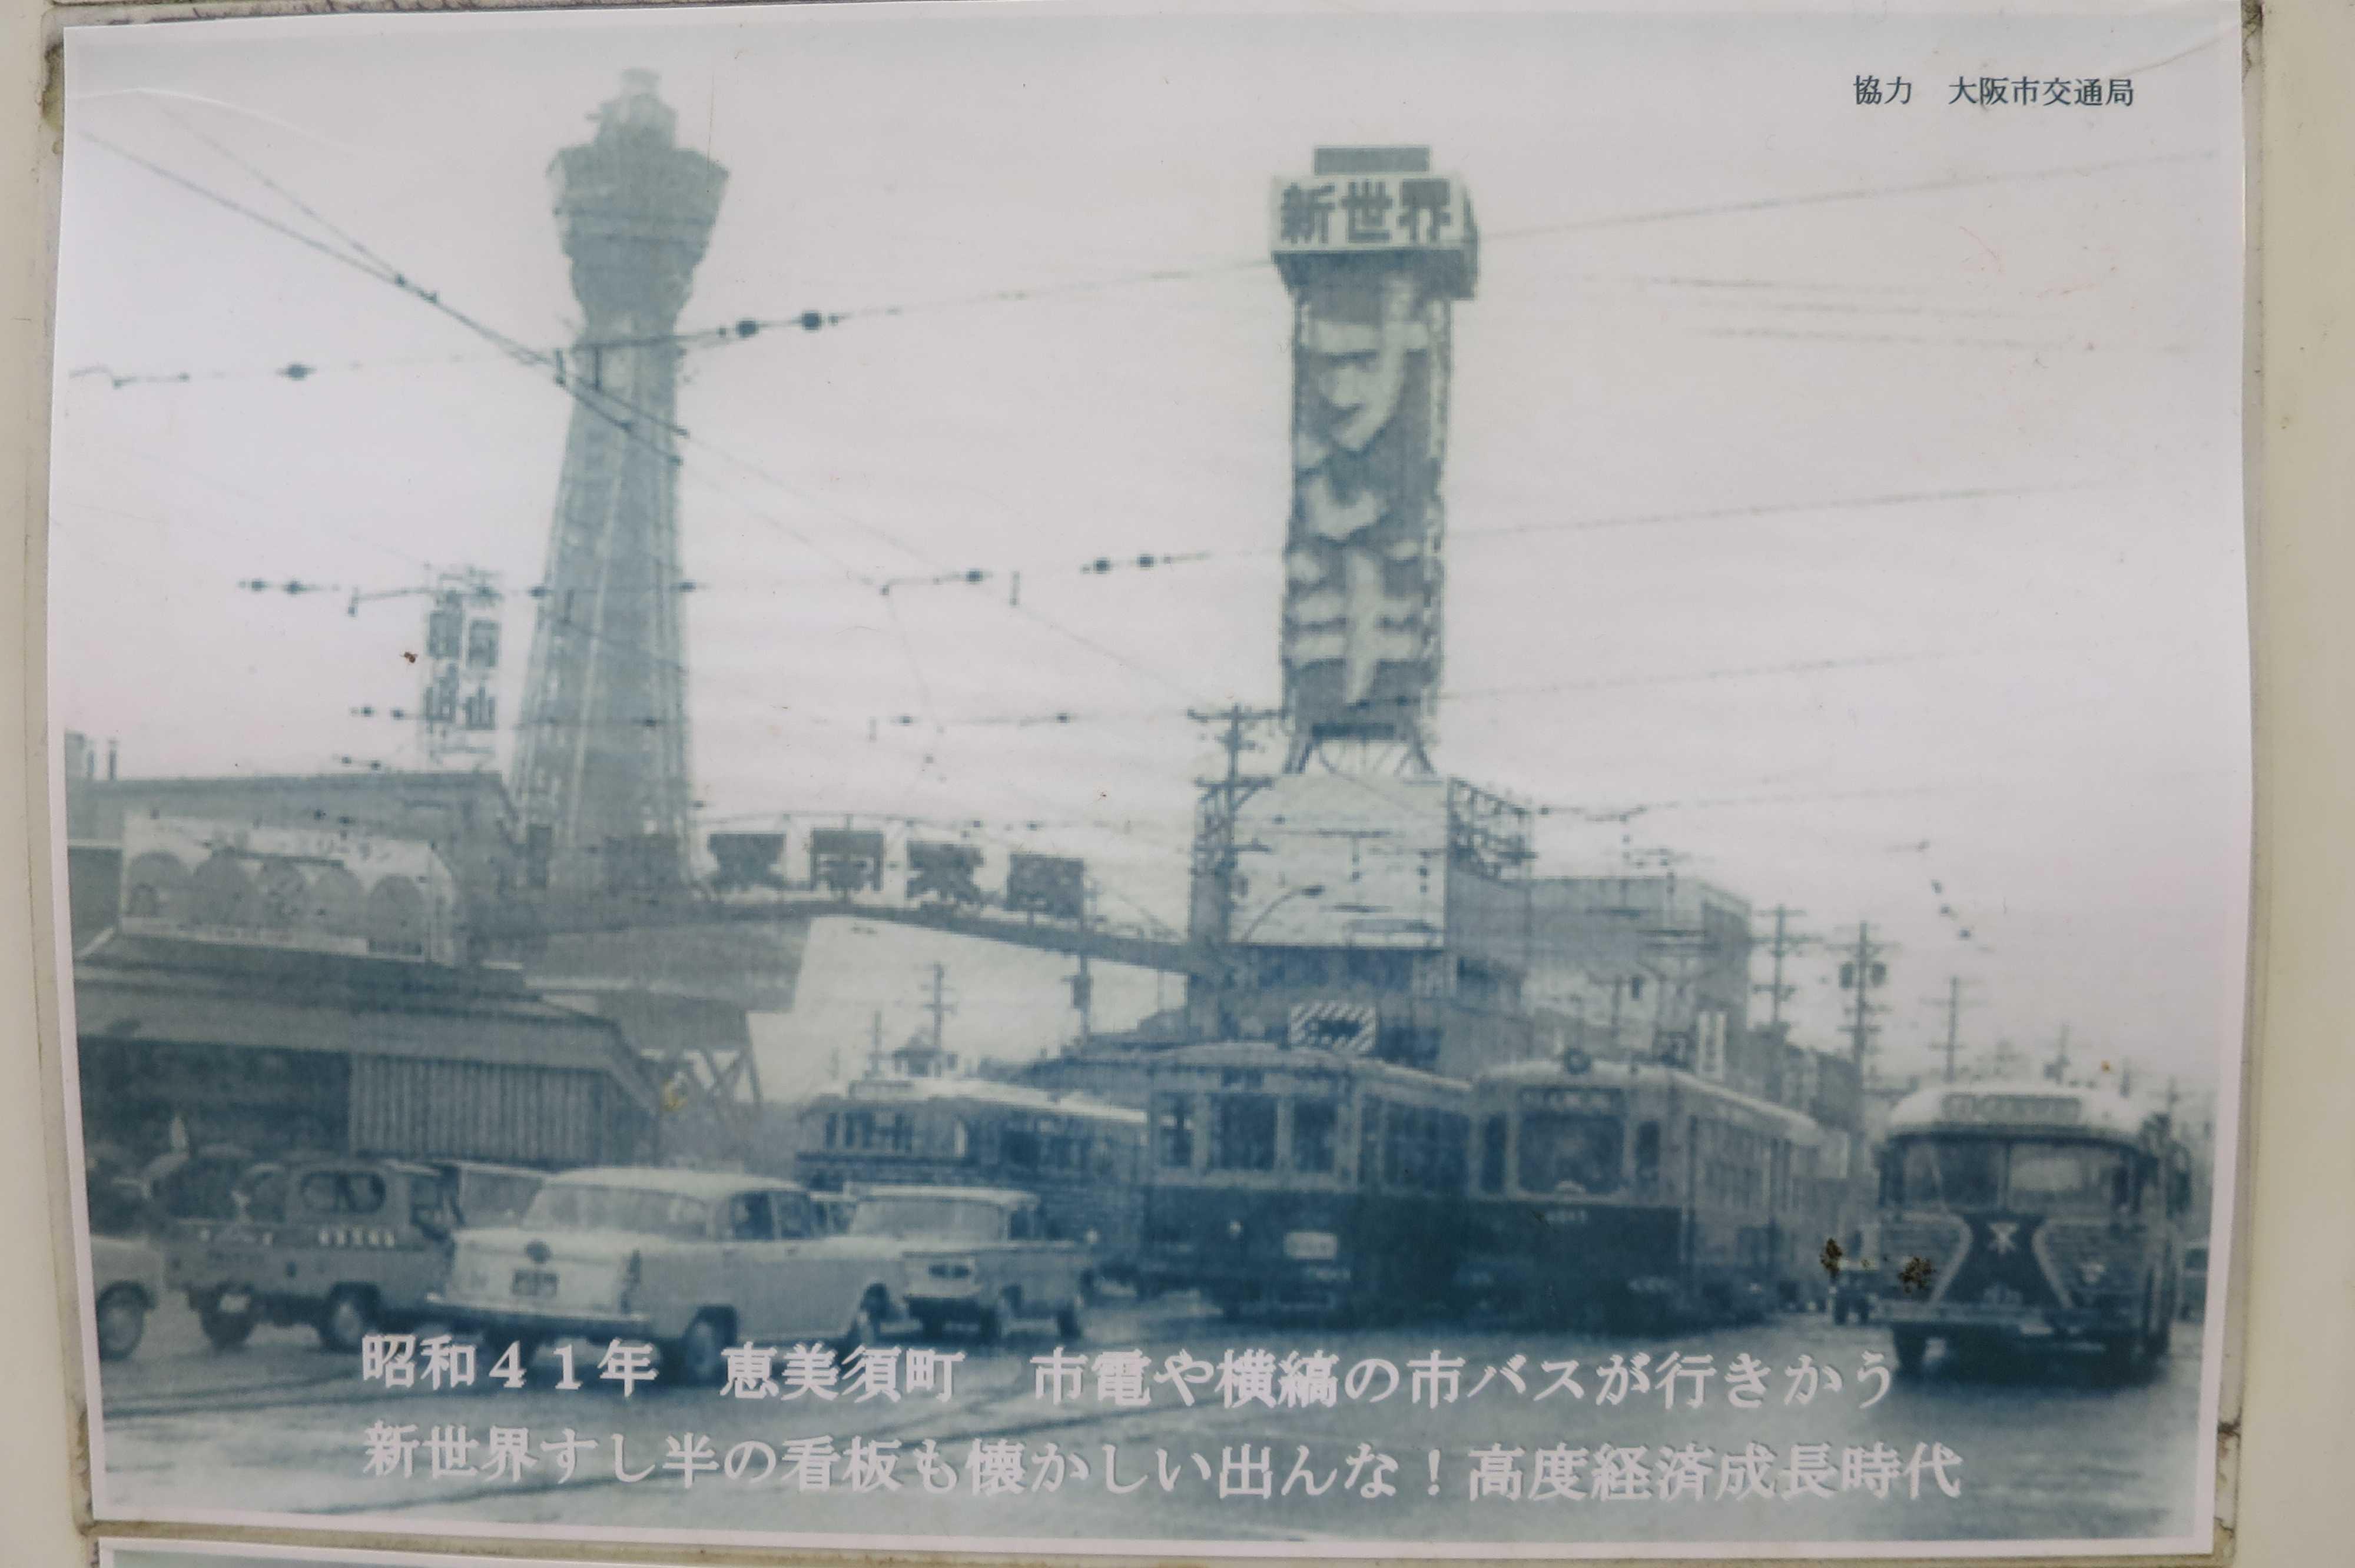 通天閣と新世界すし半の看板の写真 - 昭和41年(高度経済成長時代)の恵美須町